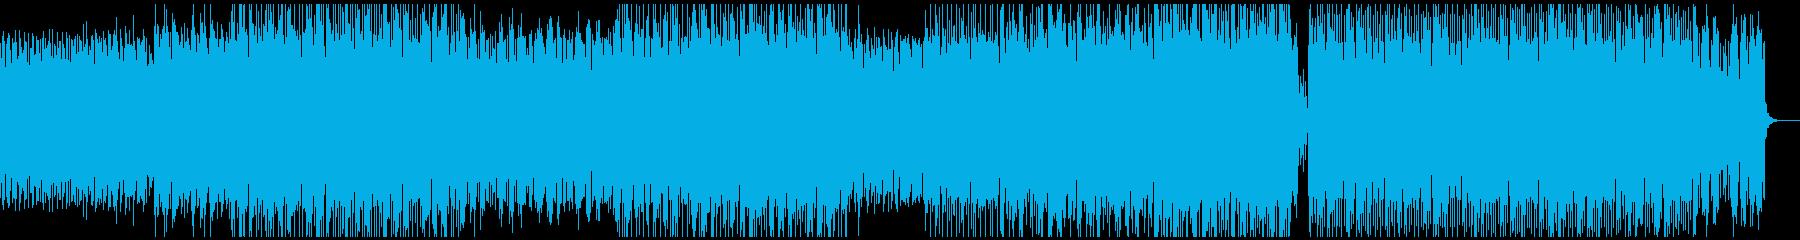 無機質・スタイリッシュなミニマルテクノの再生済みの波形